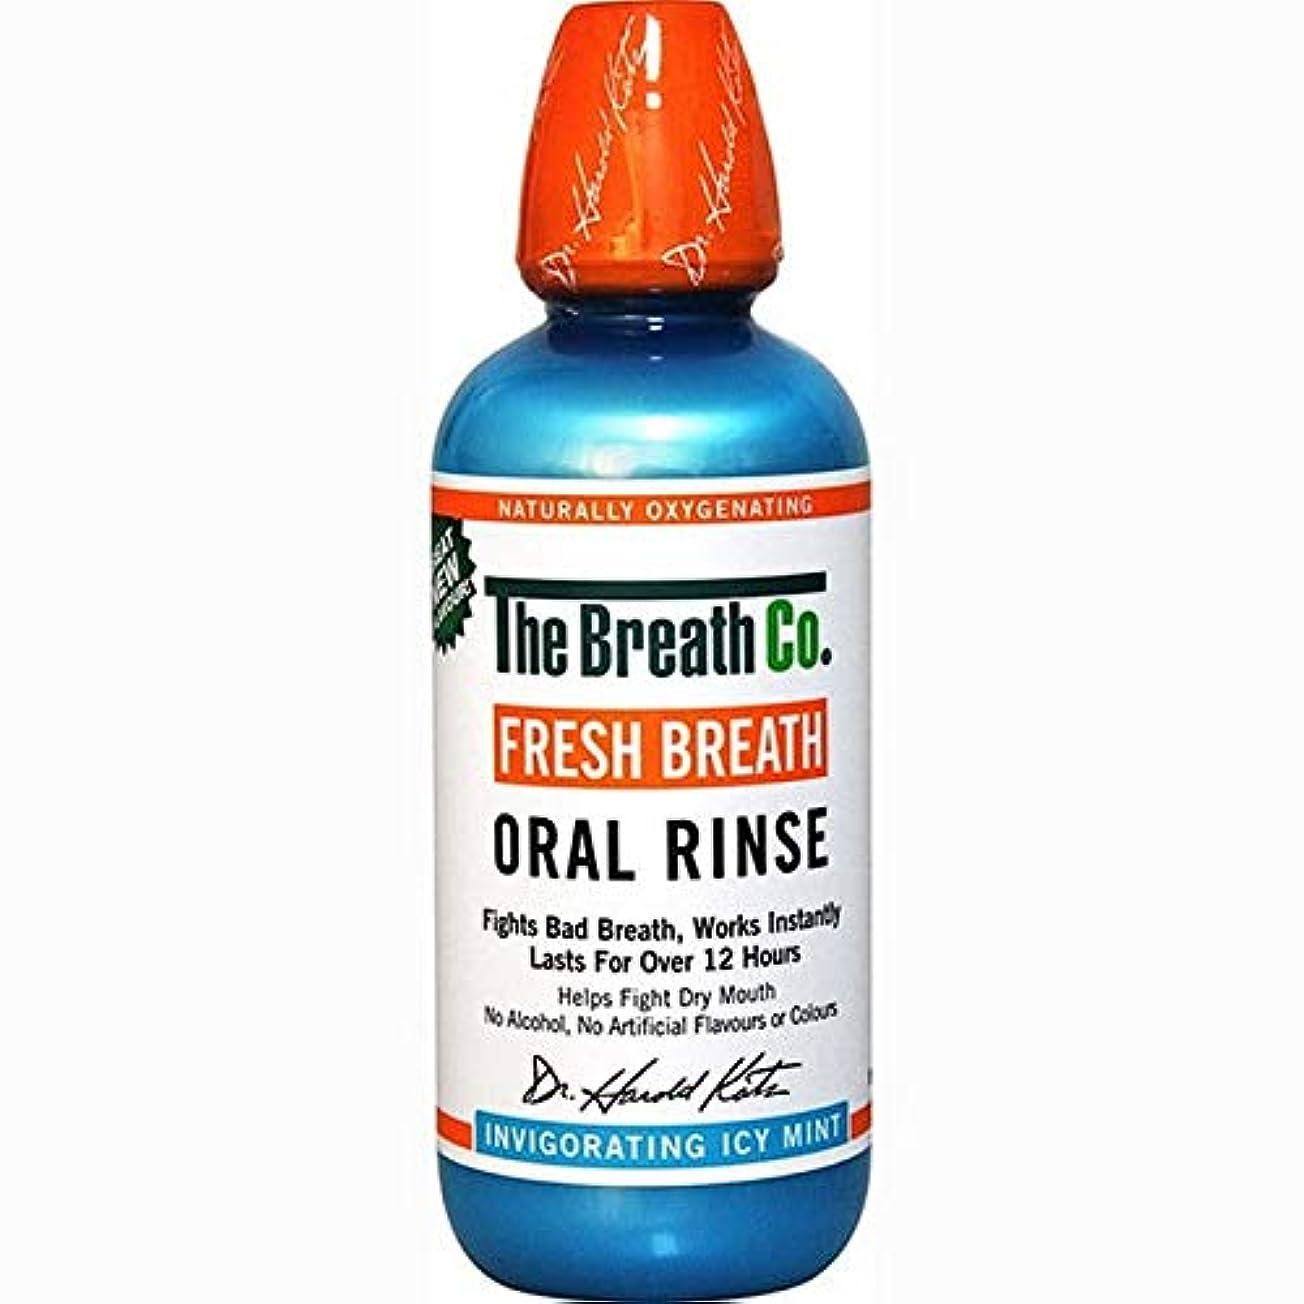 保護冒険者ハイランド[The Breath Co] 息のCo新鮮な息口腔リンス氷のミント500ミリリットル - The Breath Co Fresh Breath Oral Rinse Icy Mint 500ml [並行輸入品]